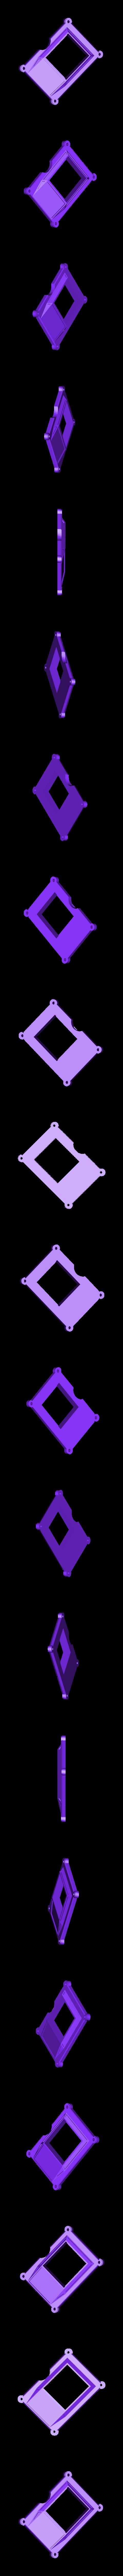 DC110_Top_plate__part1.stl Descargar archivo STL gratis DC110 ABS ACRO para el Control de SP F3 RACING Vuelo EVO Brush • Objeto para impresión 3D, Microdure